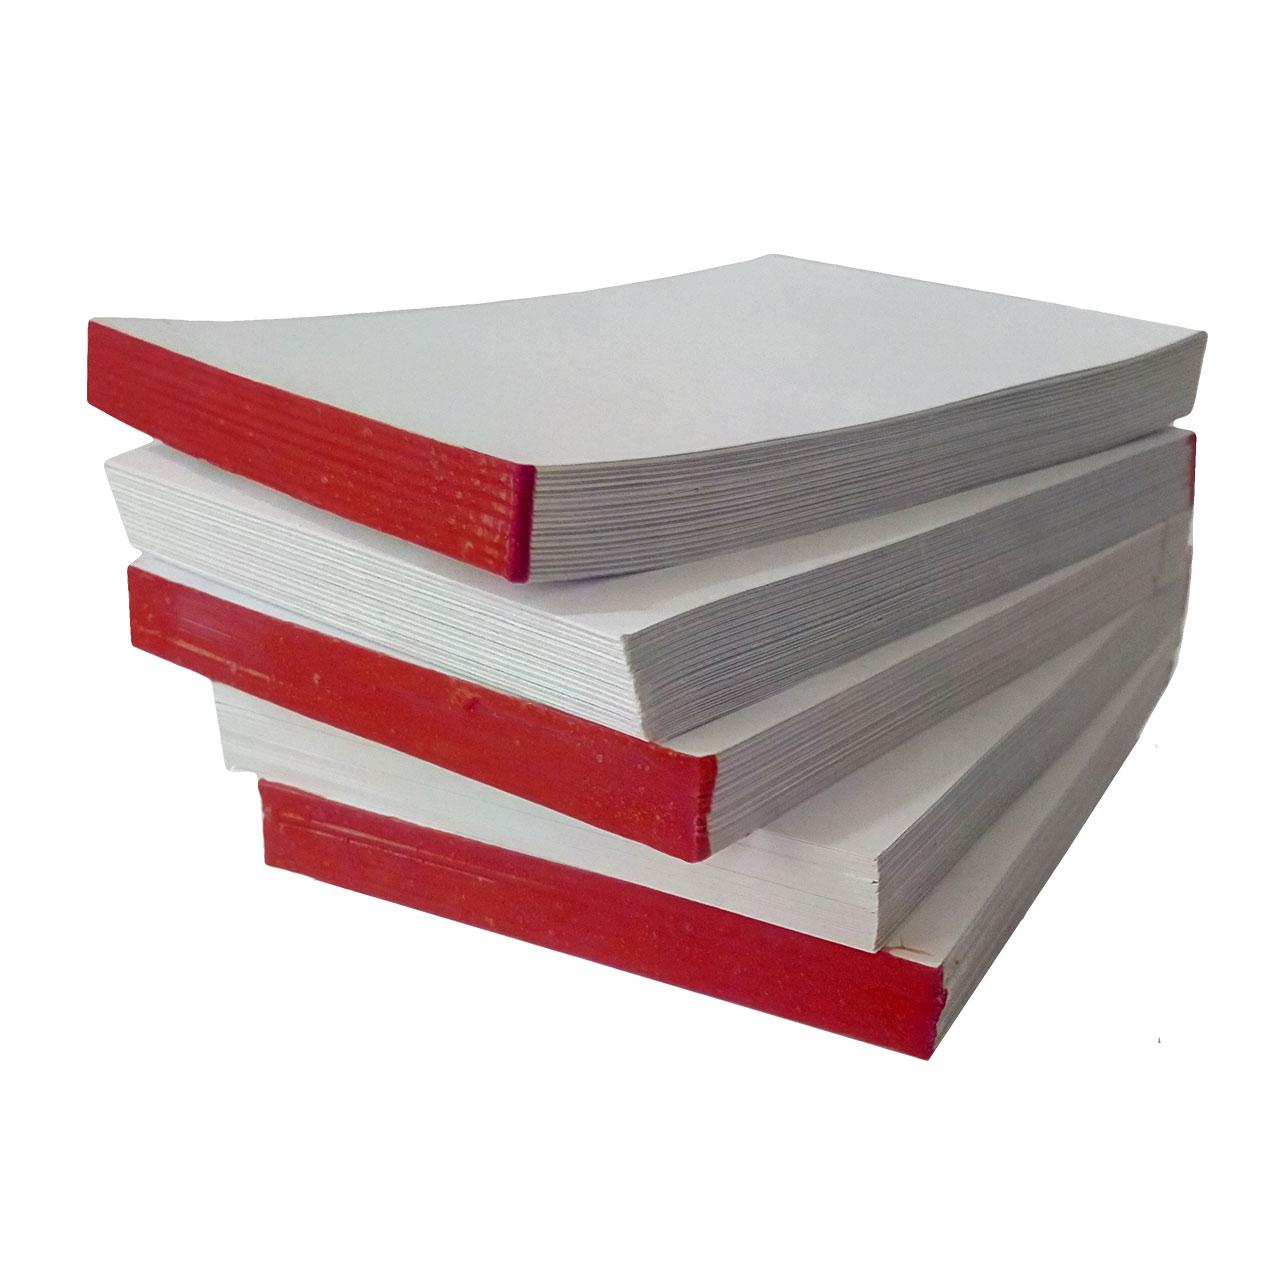 کاغذ یادداشت گوهران مدل 10.7-5 بسته 5 عددی